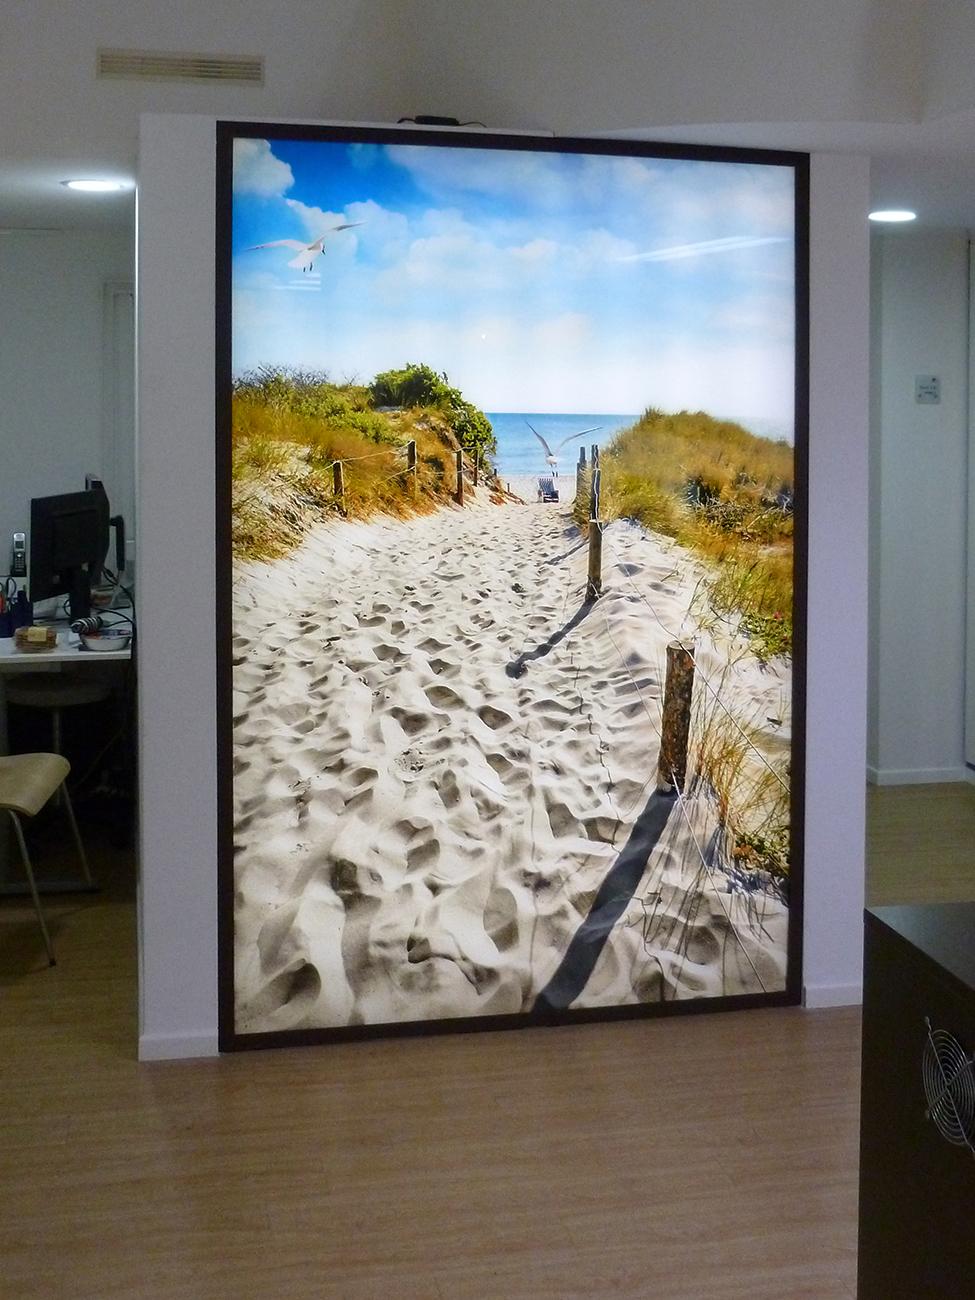 foto auf acrylglas beleuchtet foto hinter acrylglas beleuchtet foto auf acrylglas beleuchtet. Black Bedroom Furniture Sets. Home Design Ideas